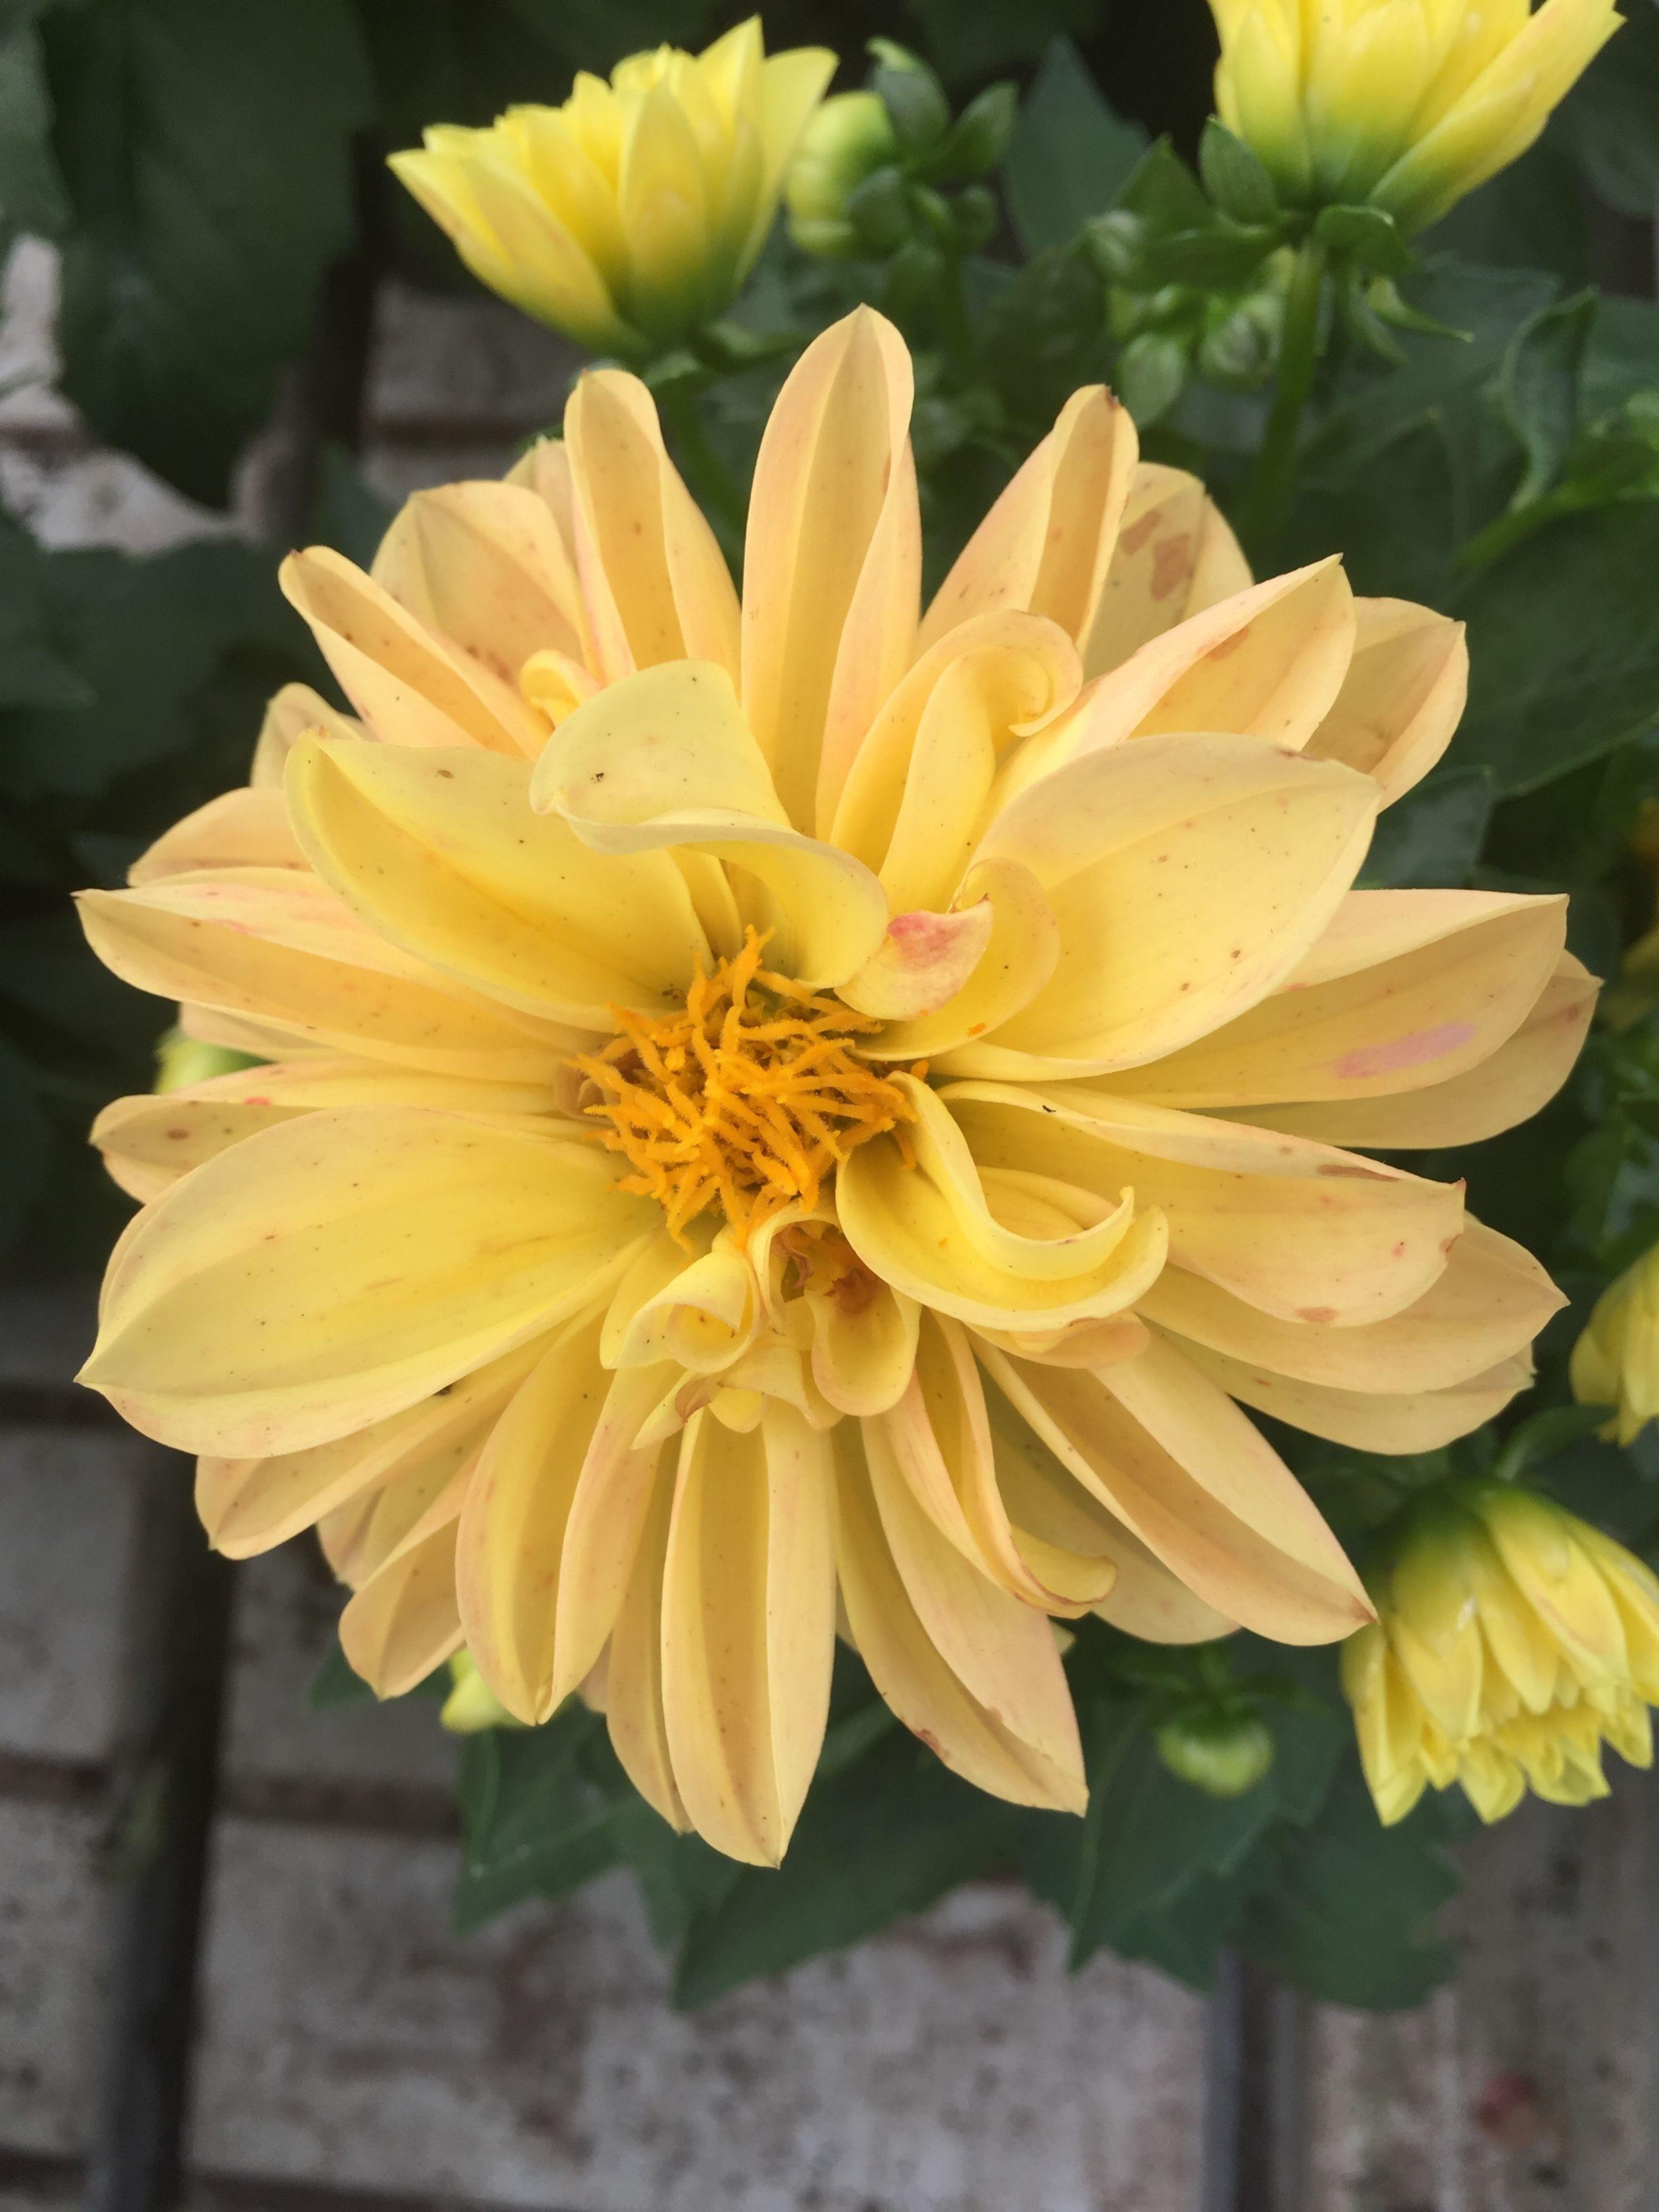 Yellow Dahlia Like The Sun Dahlia Pinterest Dahlia And Flowers